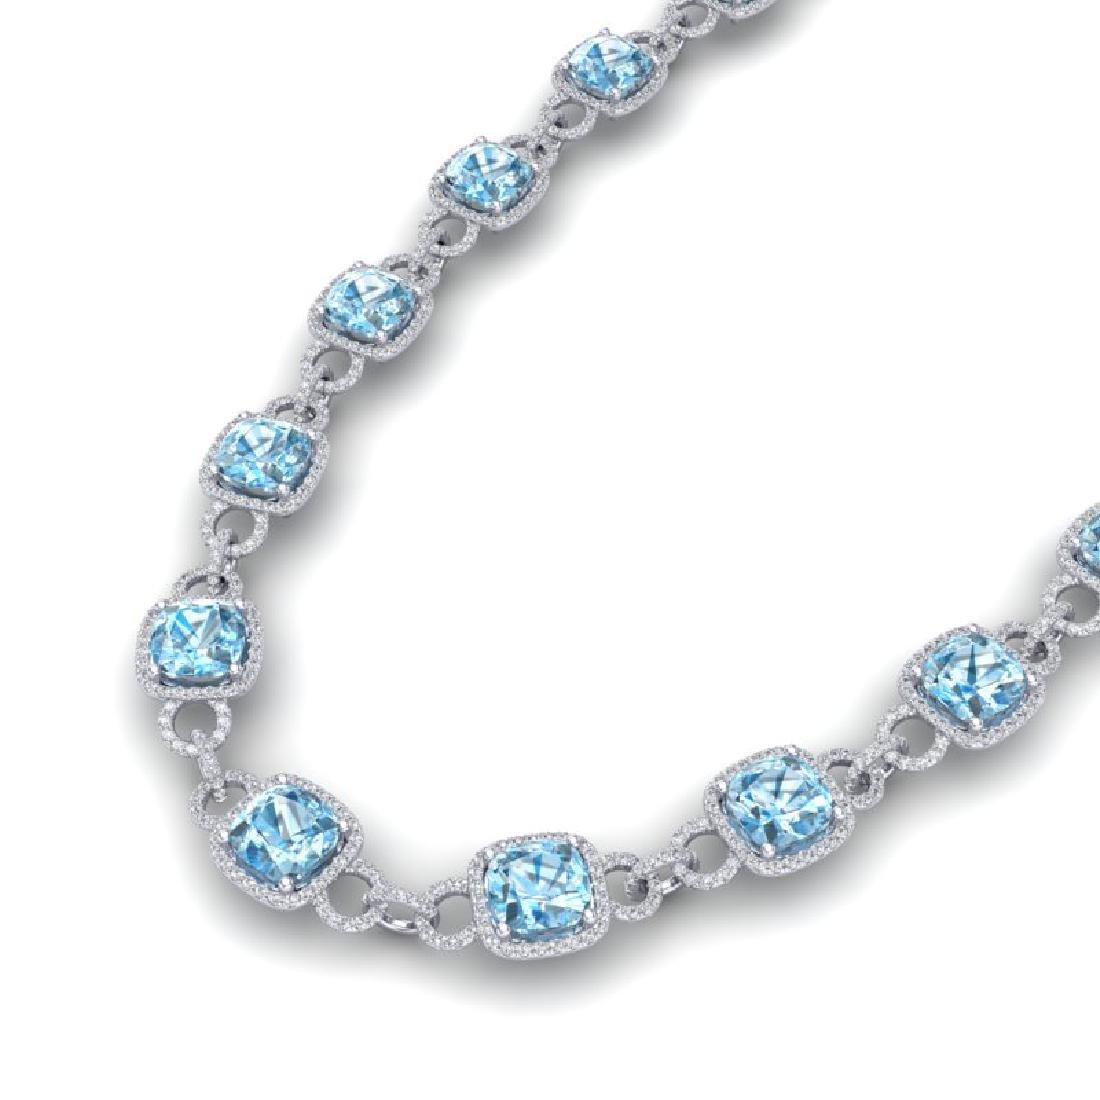 66 CTW Topaz & VS/SI Diamond Necklace 14K White Gold